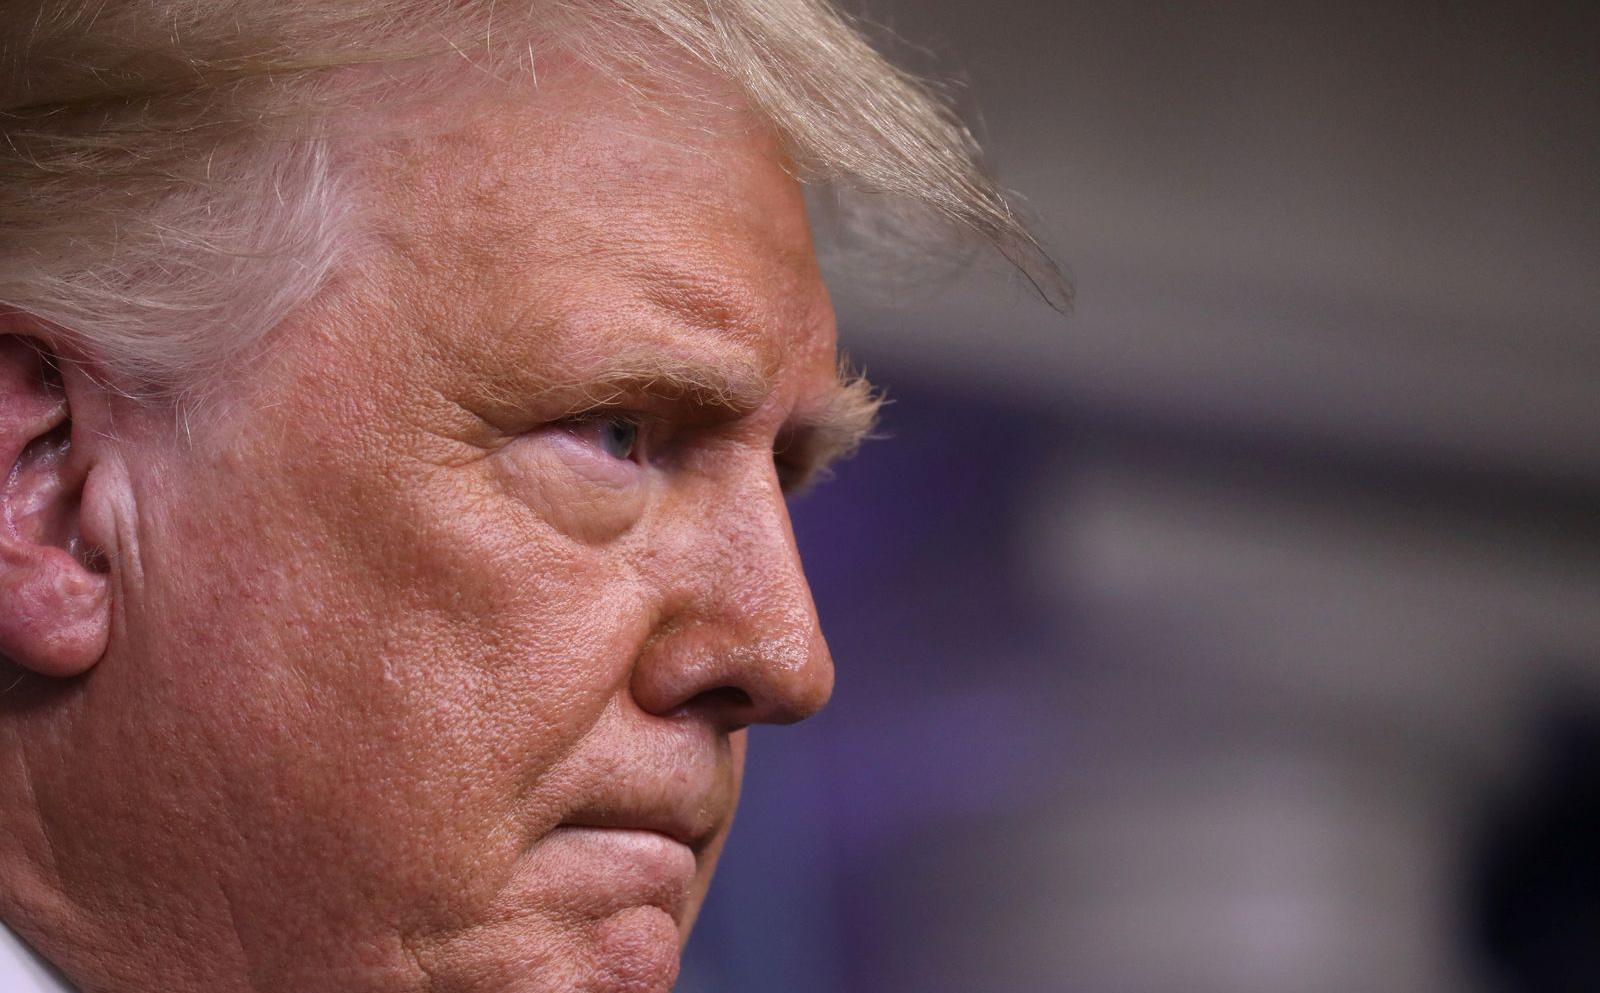 """Nhất quyết không chịu thua, """"game cuối"""" ông Trump có thể dành cho ông Biden là gì?"""